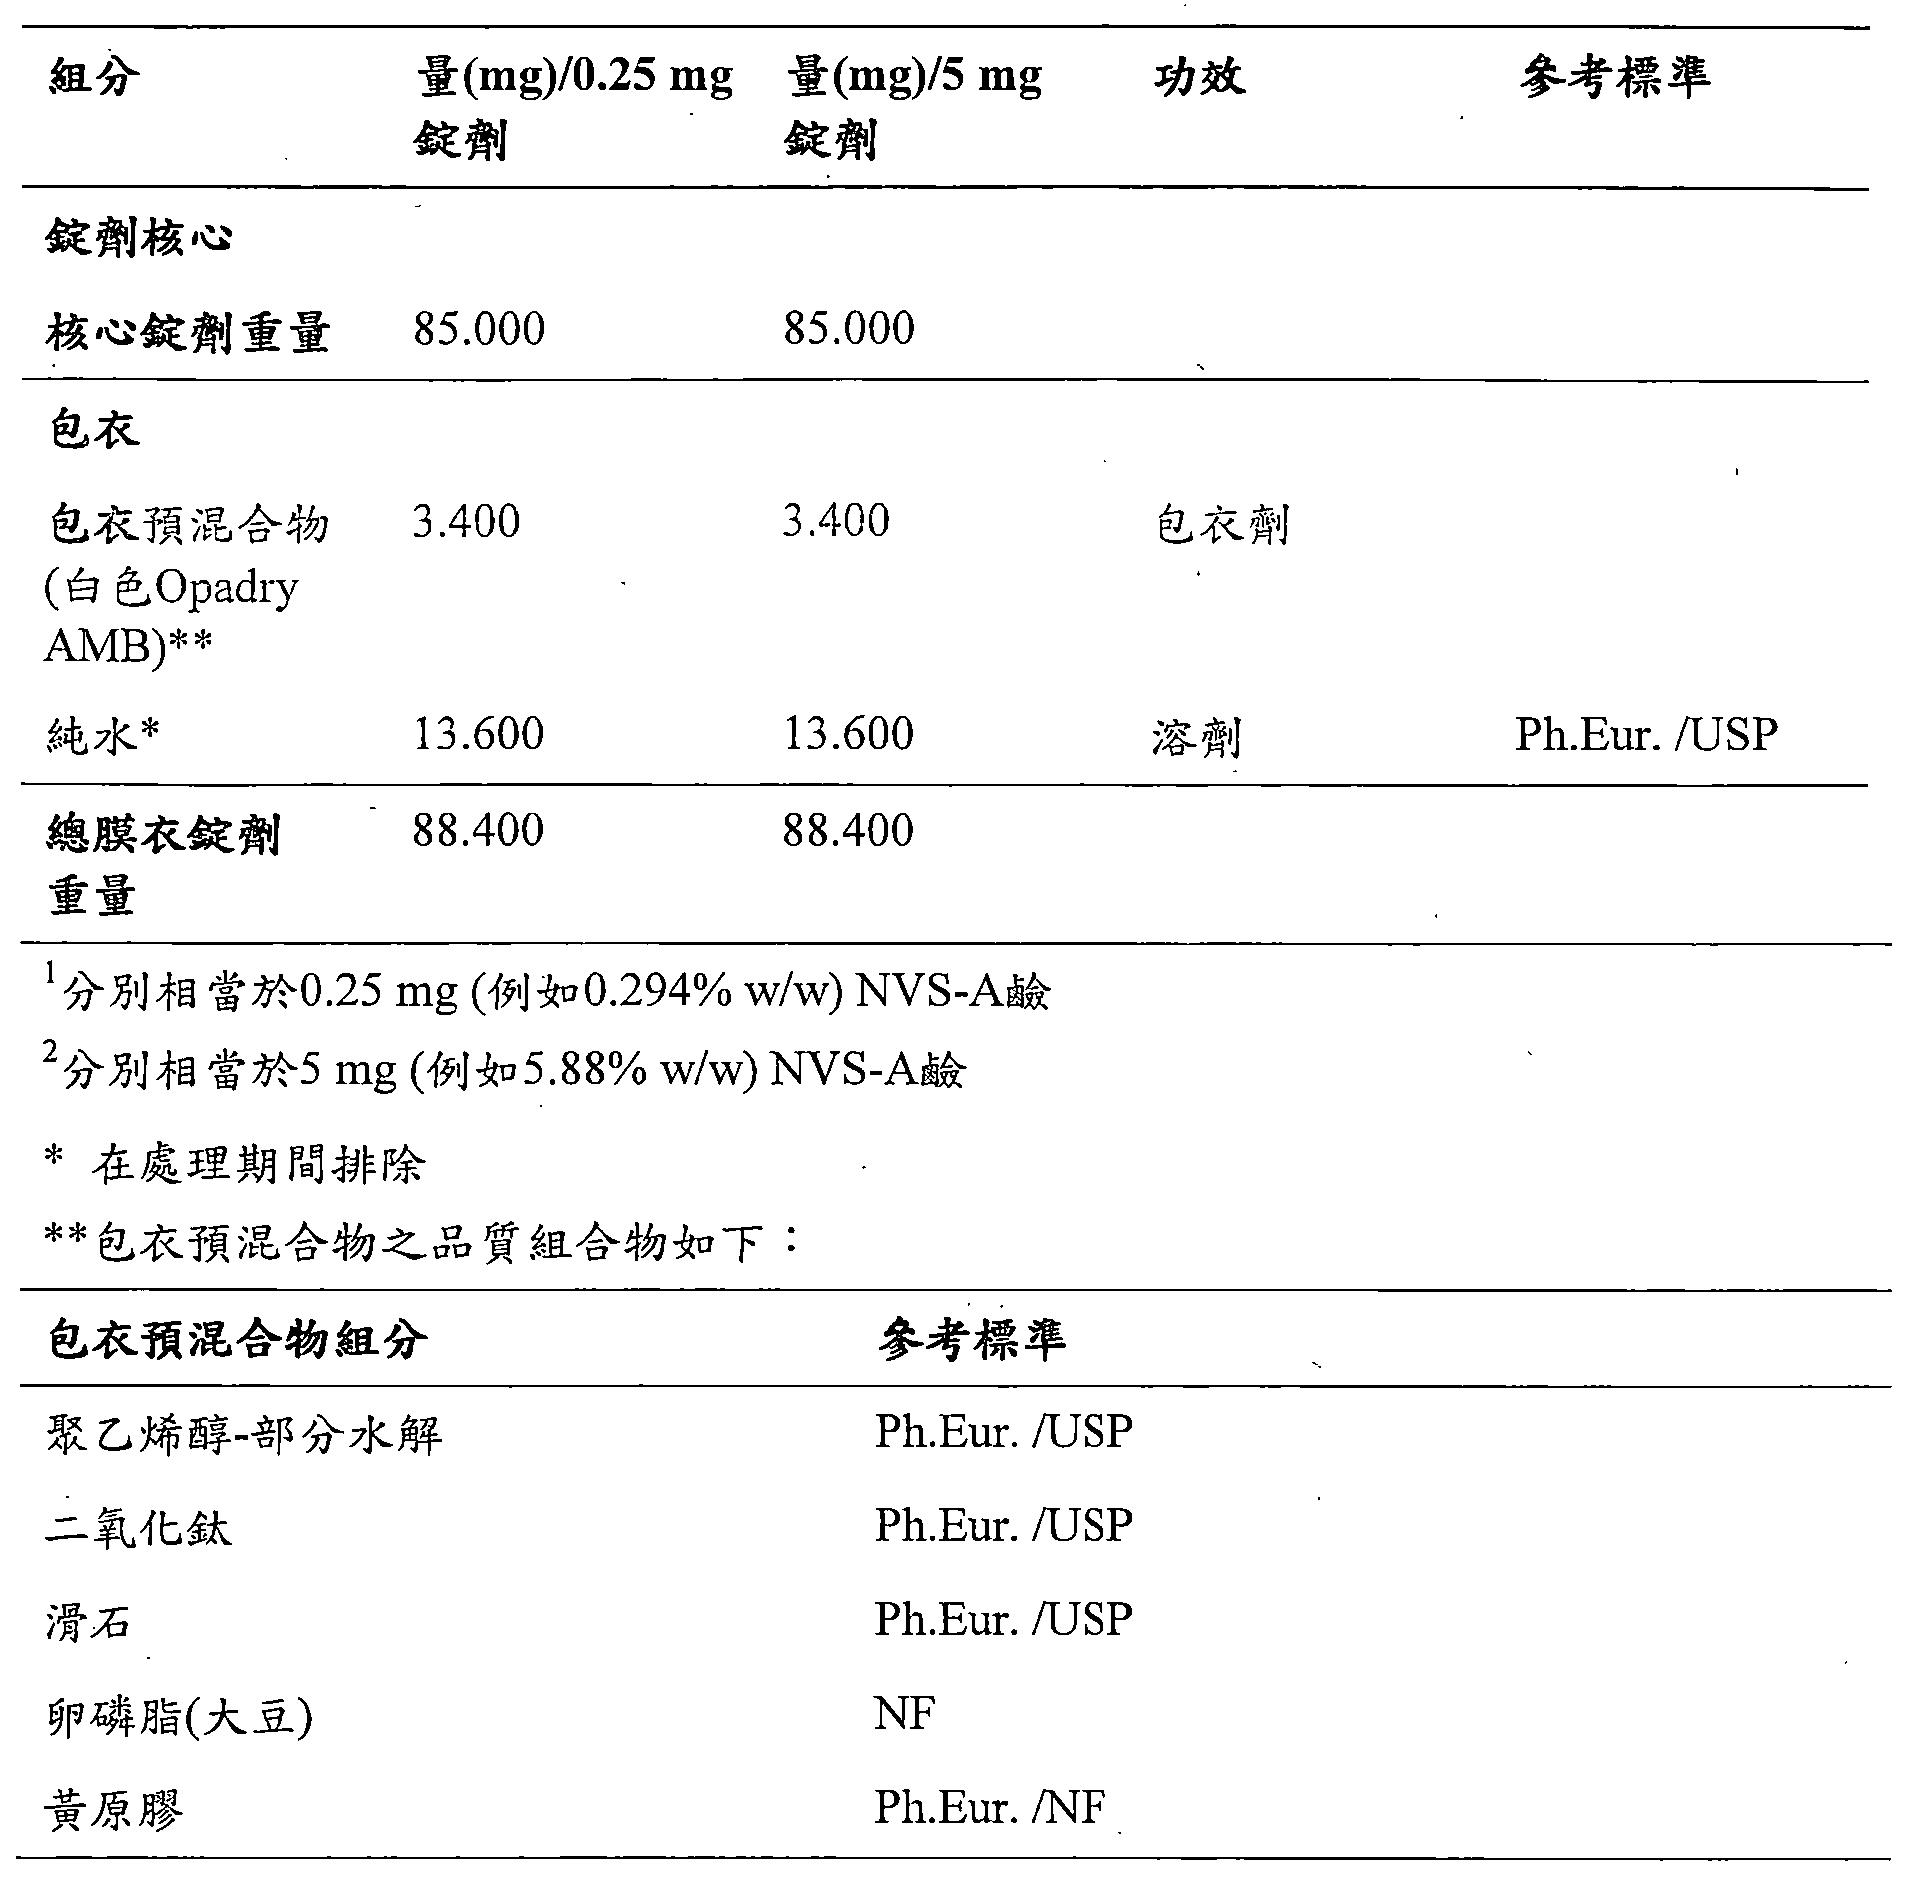 Figure TWI610672BD00013